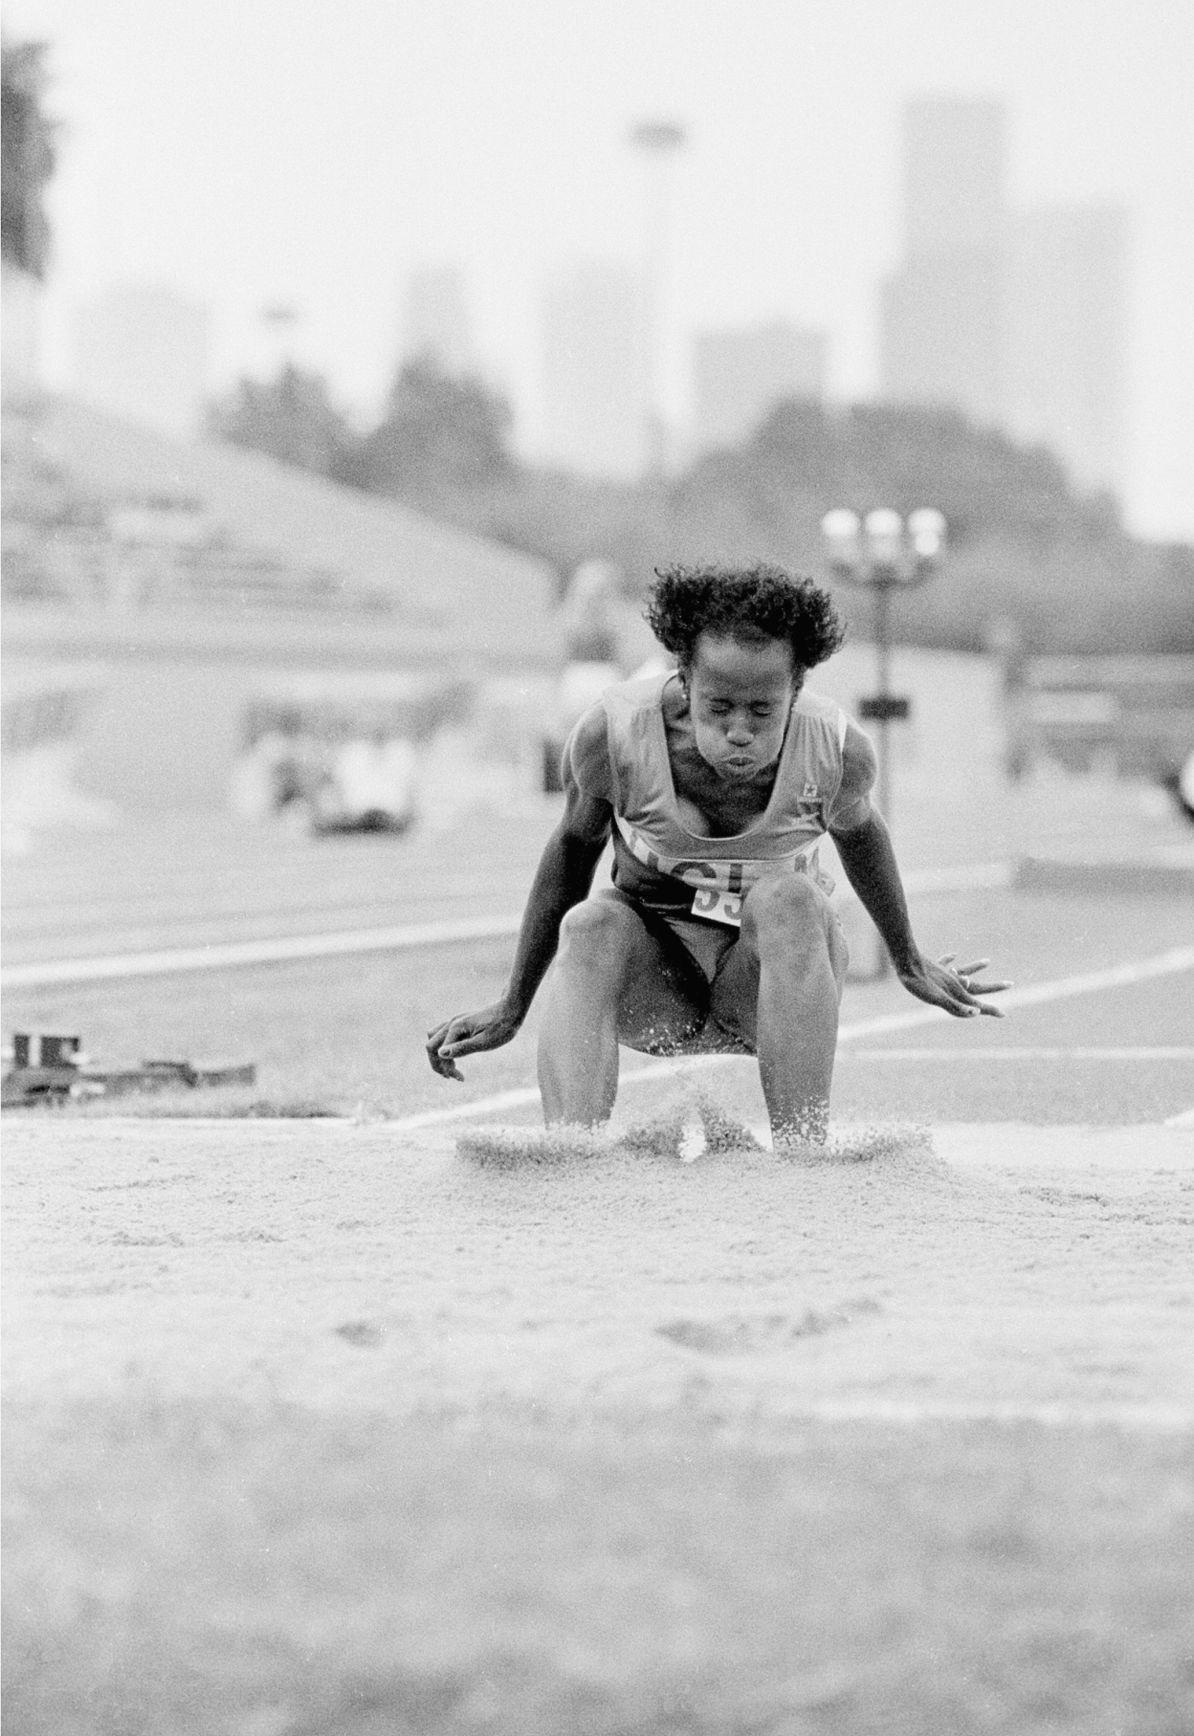 Watch Jackie Joyner-Kersee 6 Olympic medals in athletics video